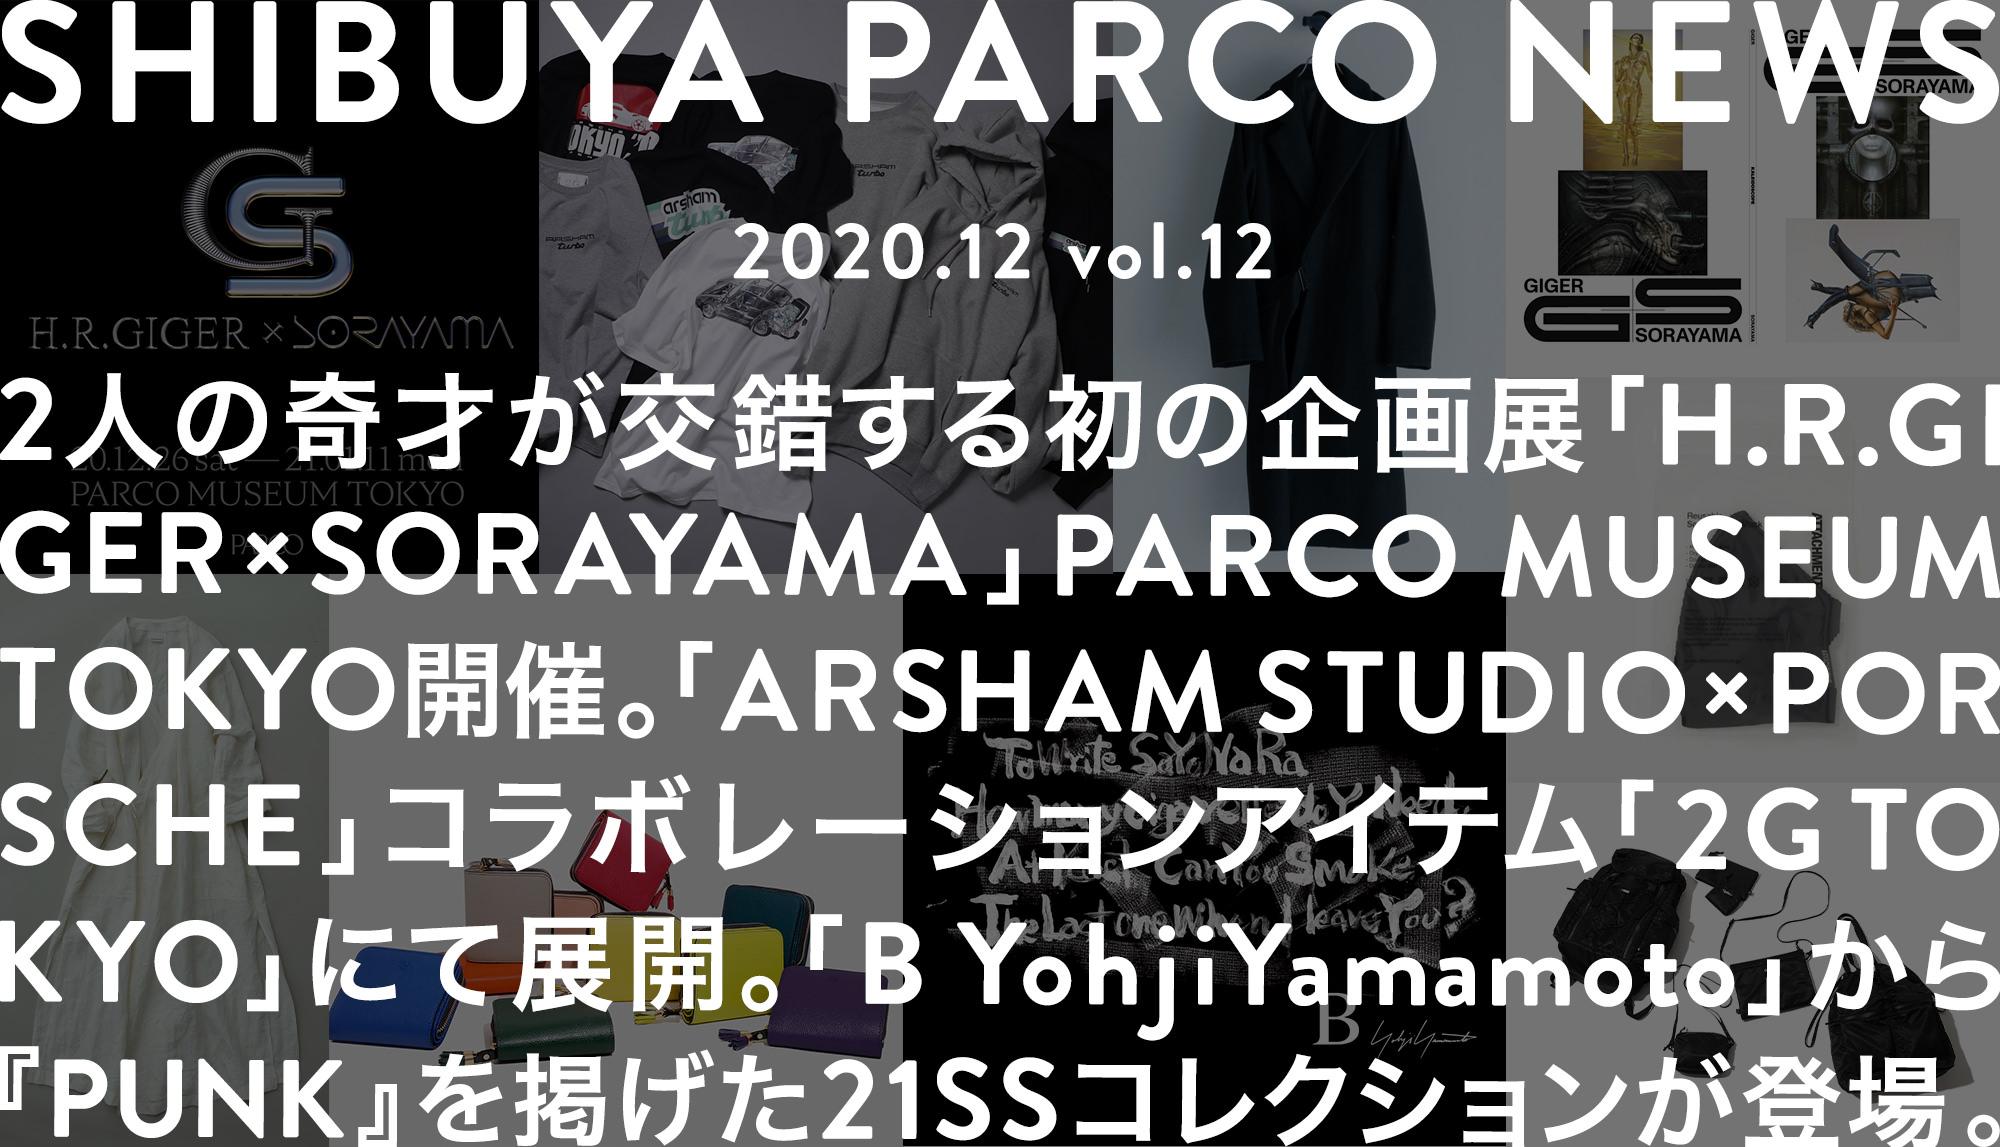 SHIBUYA PARCO NEWS ―2020.13― vol.12